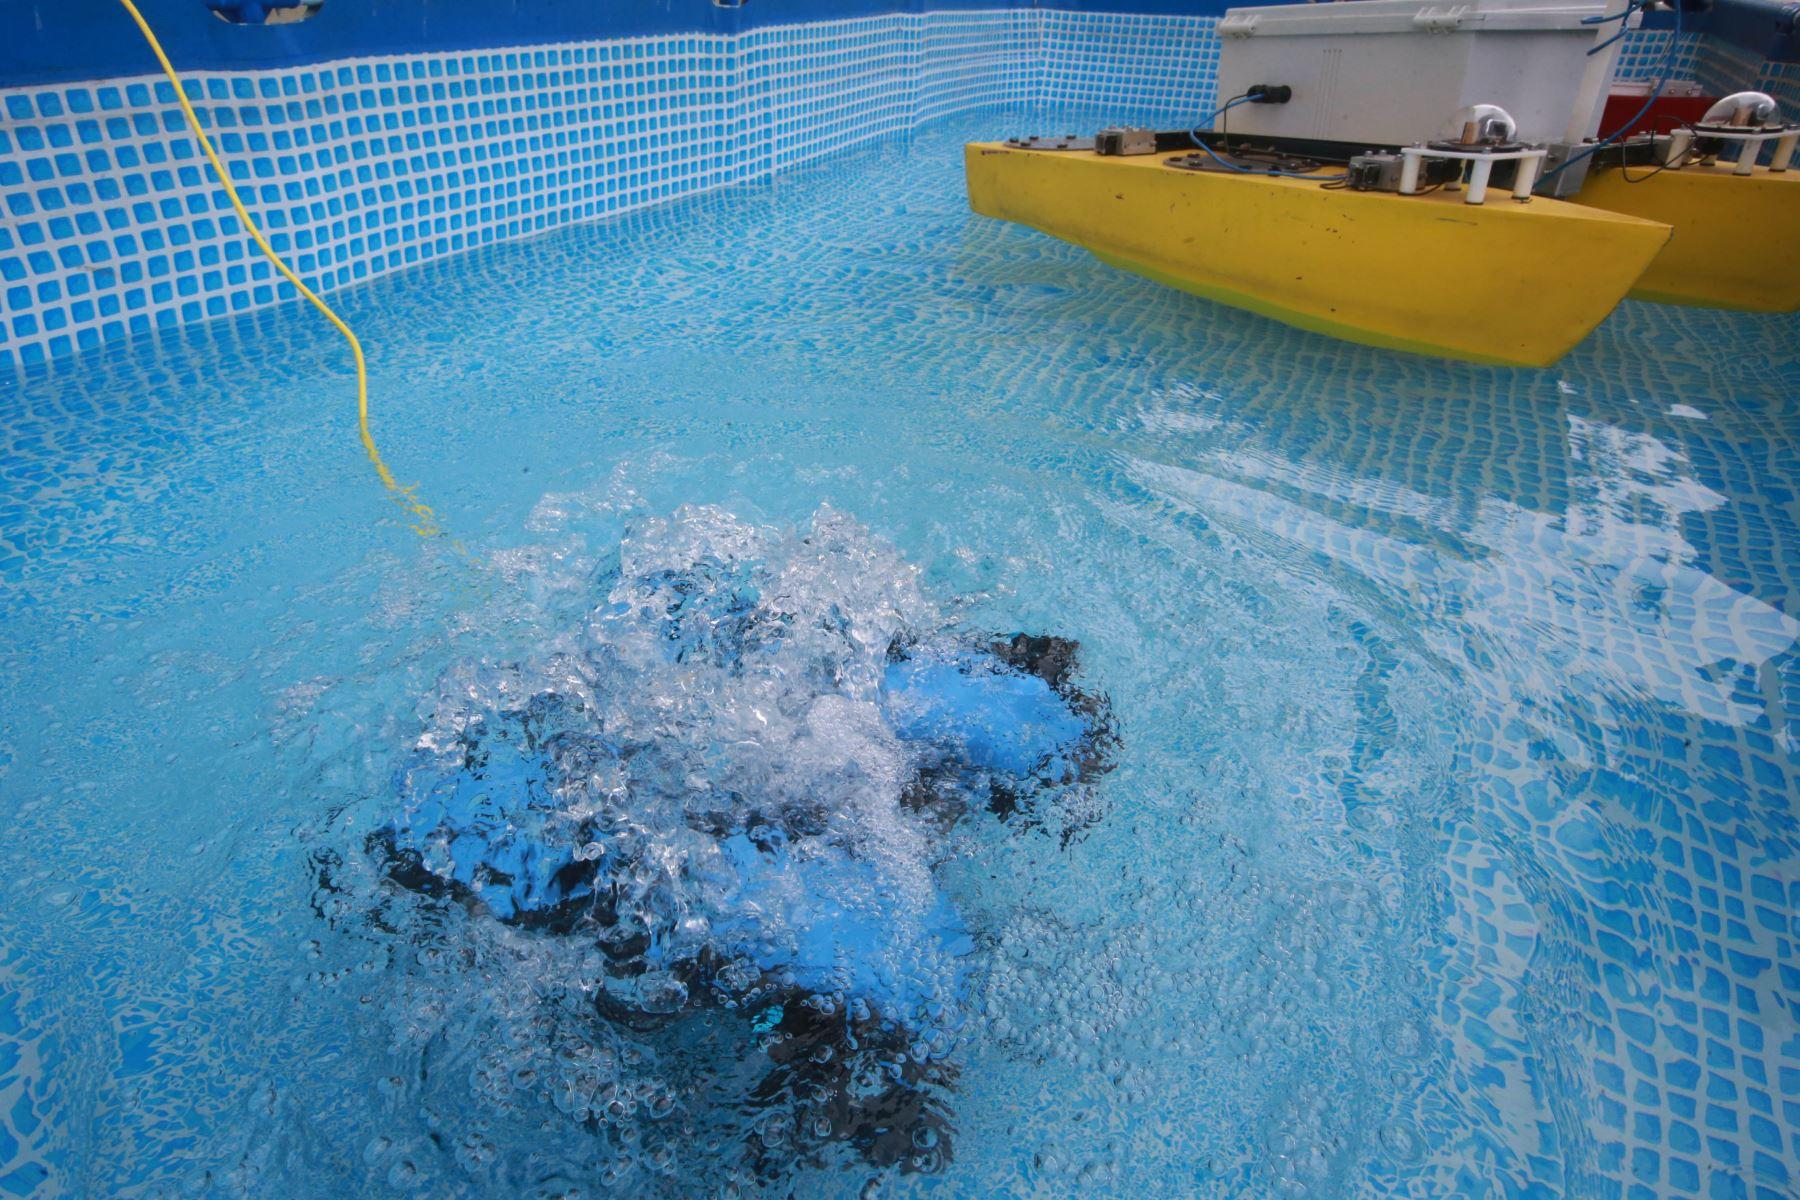 El robot submarino puede llegar a 100 metros de profundidad, distancia inaccesible para los buzos. Foto: ANDINA/Jhony Laurente